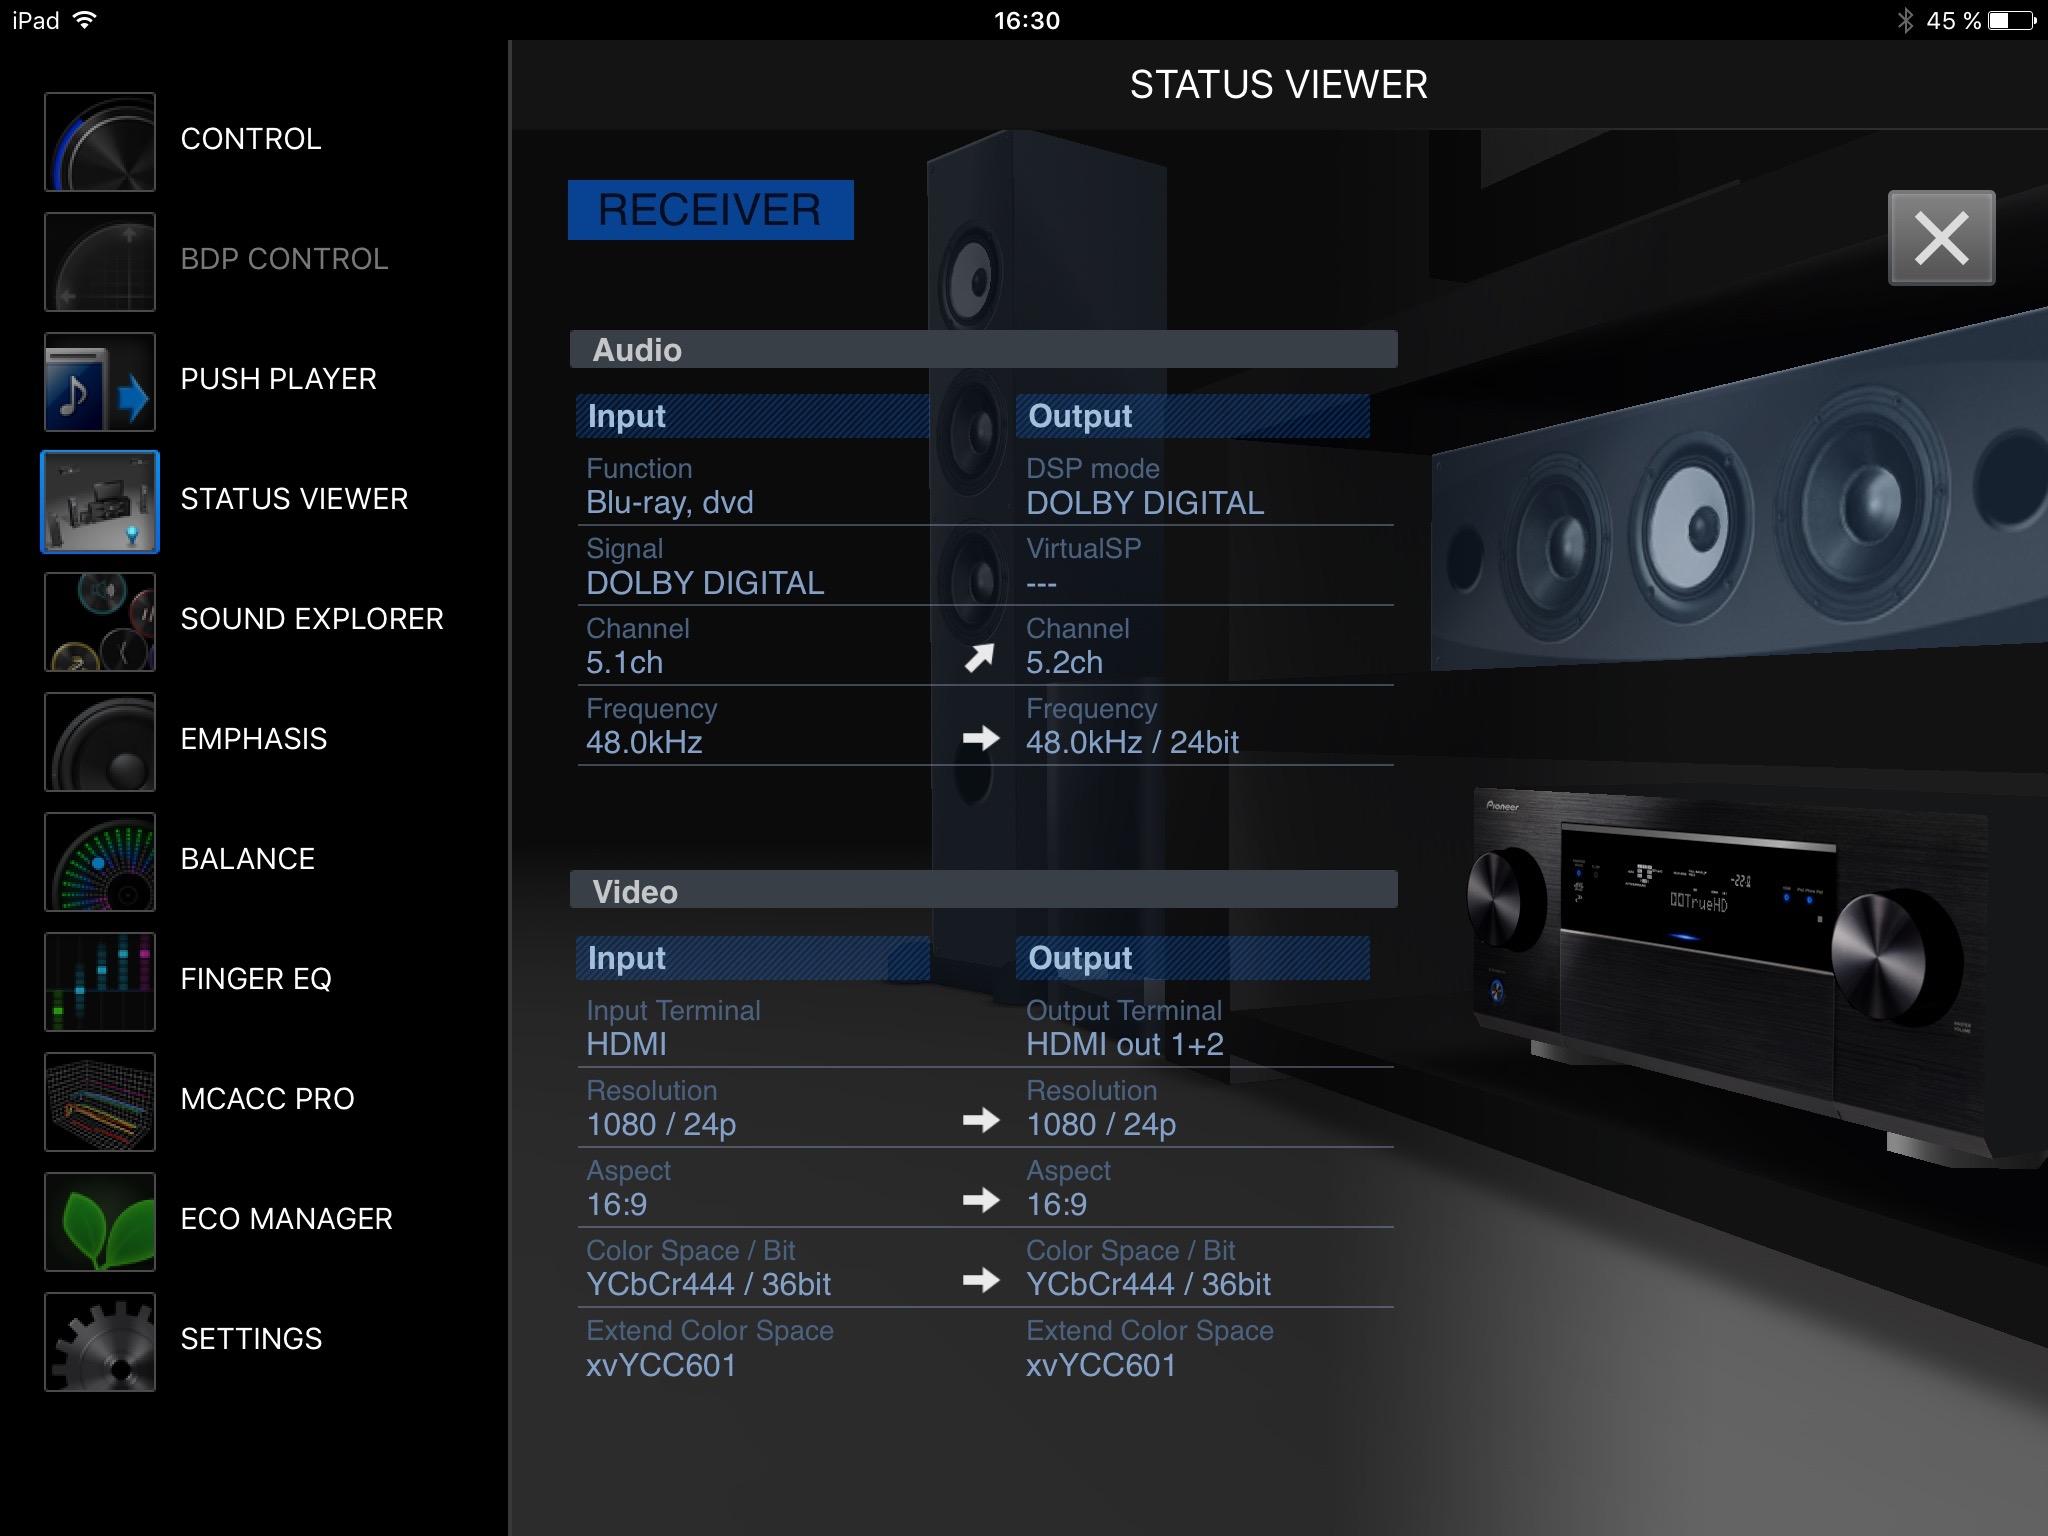 Med appen iControlAV5 installerad i din telefon och/eller surfplatta får du full koll och kan både styra och läsa av receiverns alla funktioner och möjligheter. Här visas hur en Blu-ray-film spelas upp i både ljud och bild.